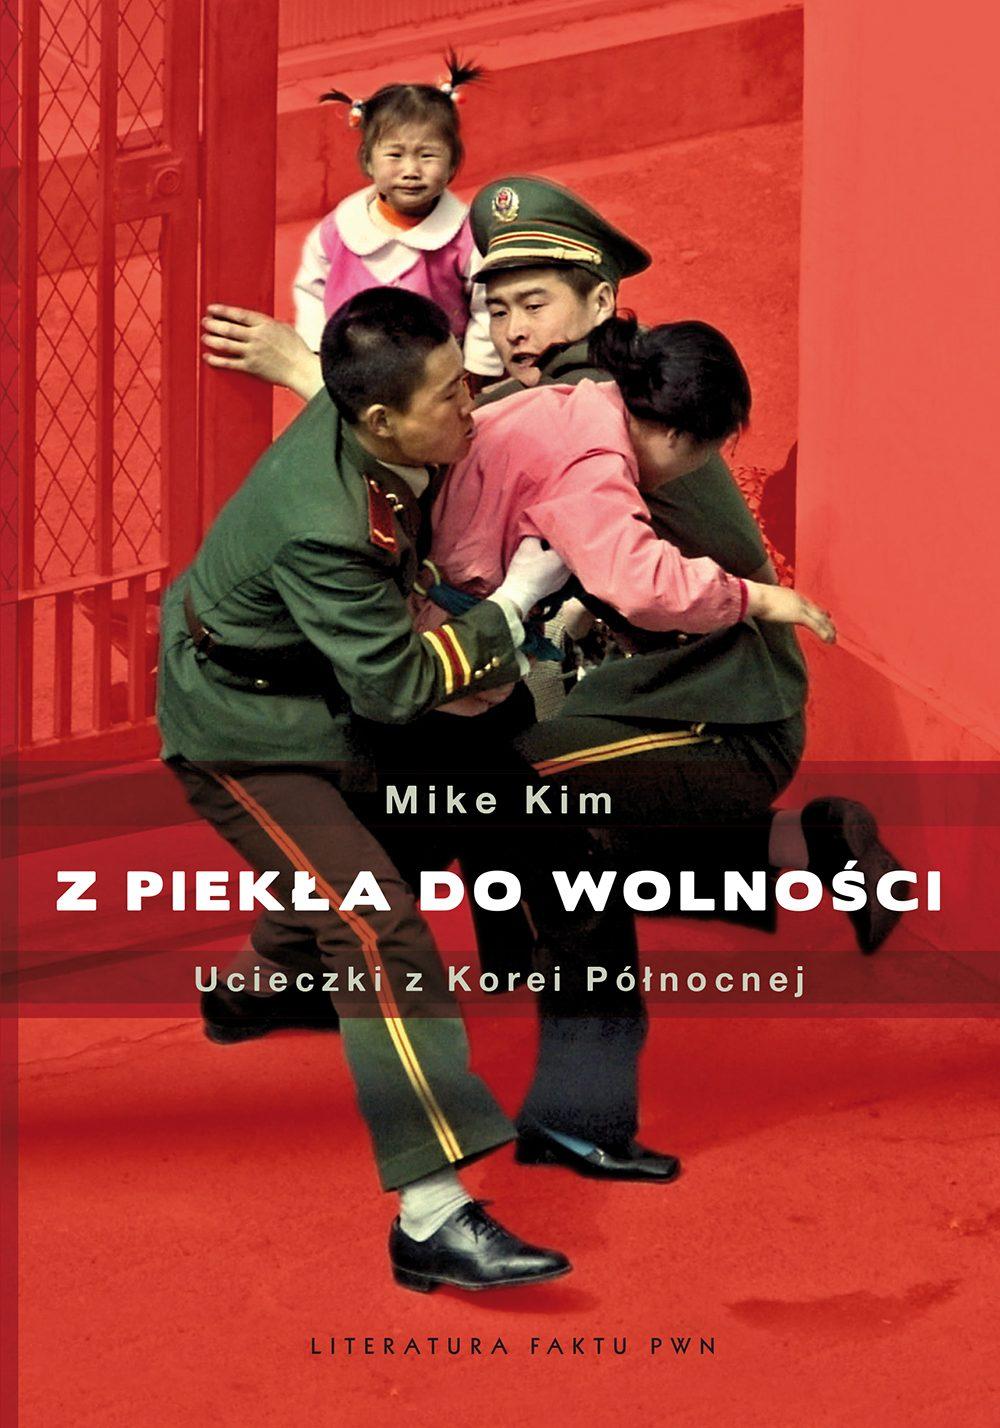 Z piekła do wolności. Ucieczki z Korei Północnej - Ebook (Książka EPUB) do pobrania w formacie EPUB